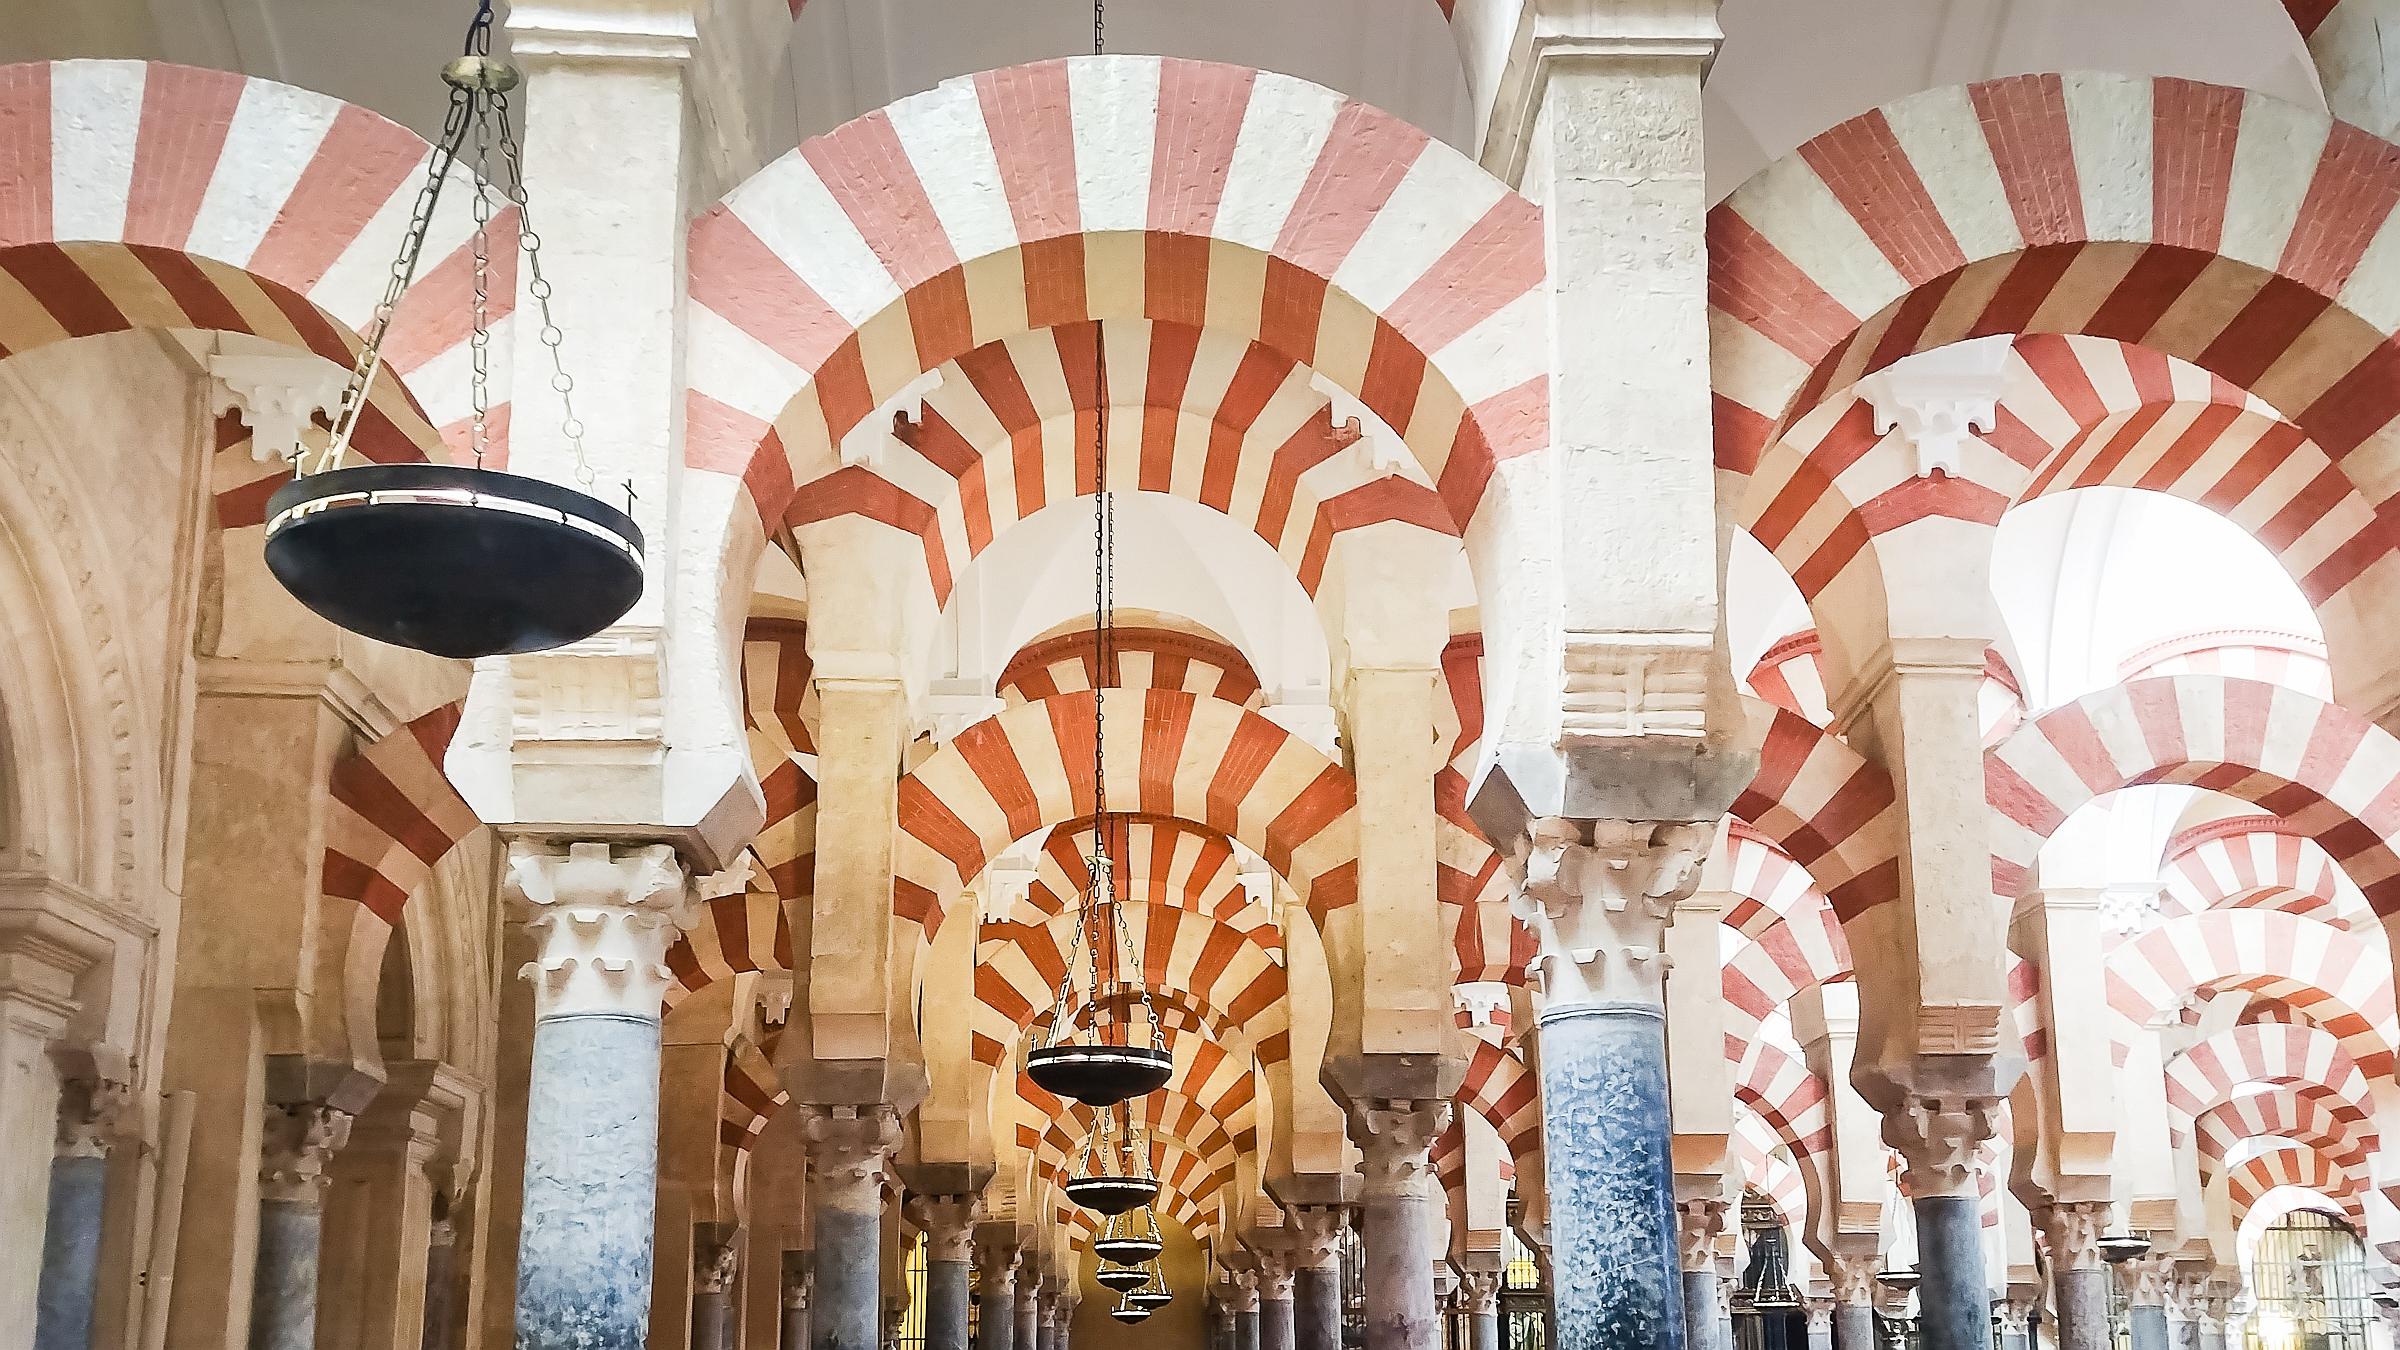 Reisebericht: Cordoba – Die Säulen der Mezquita – Andalusien Etappe 2